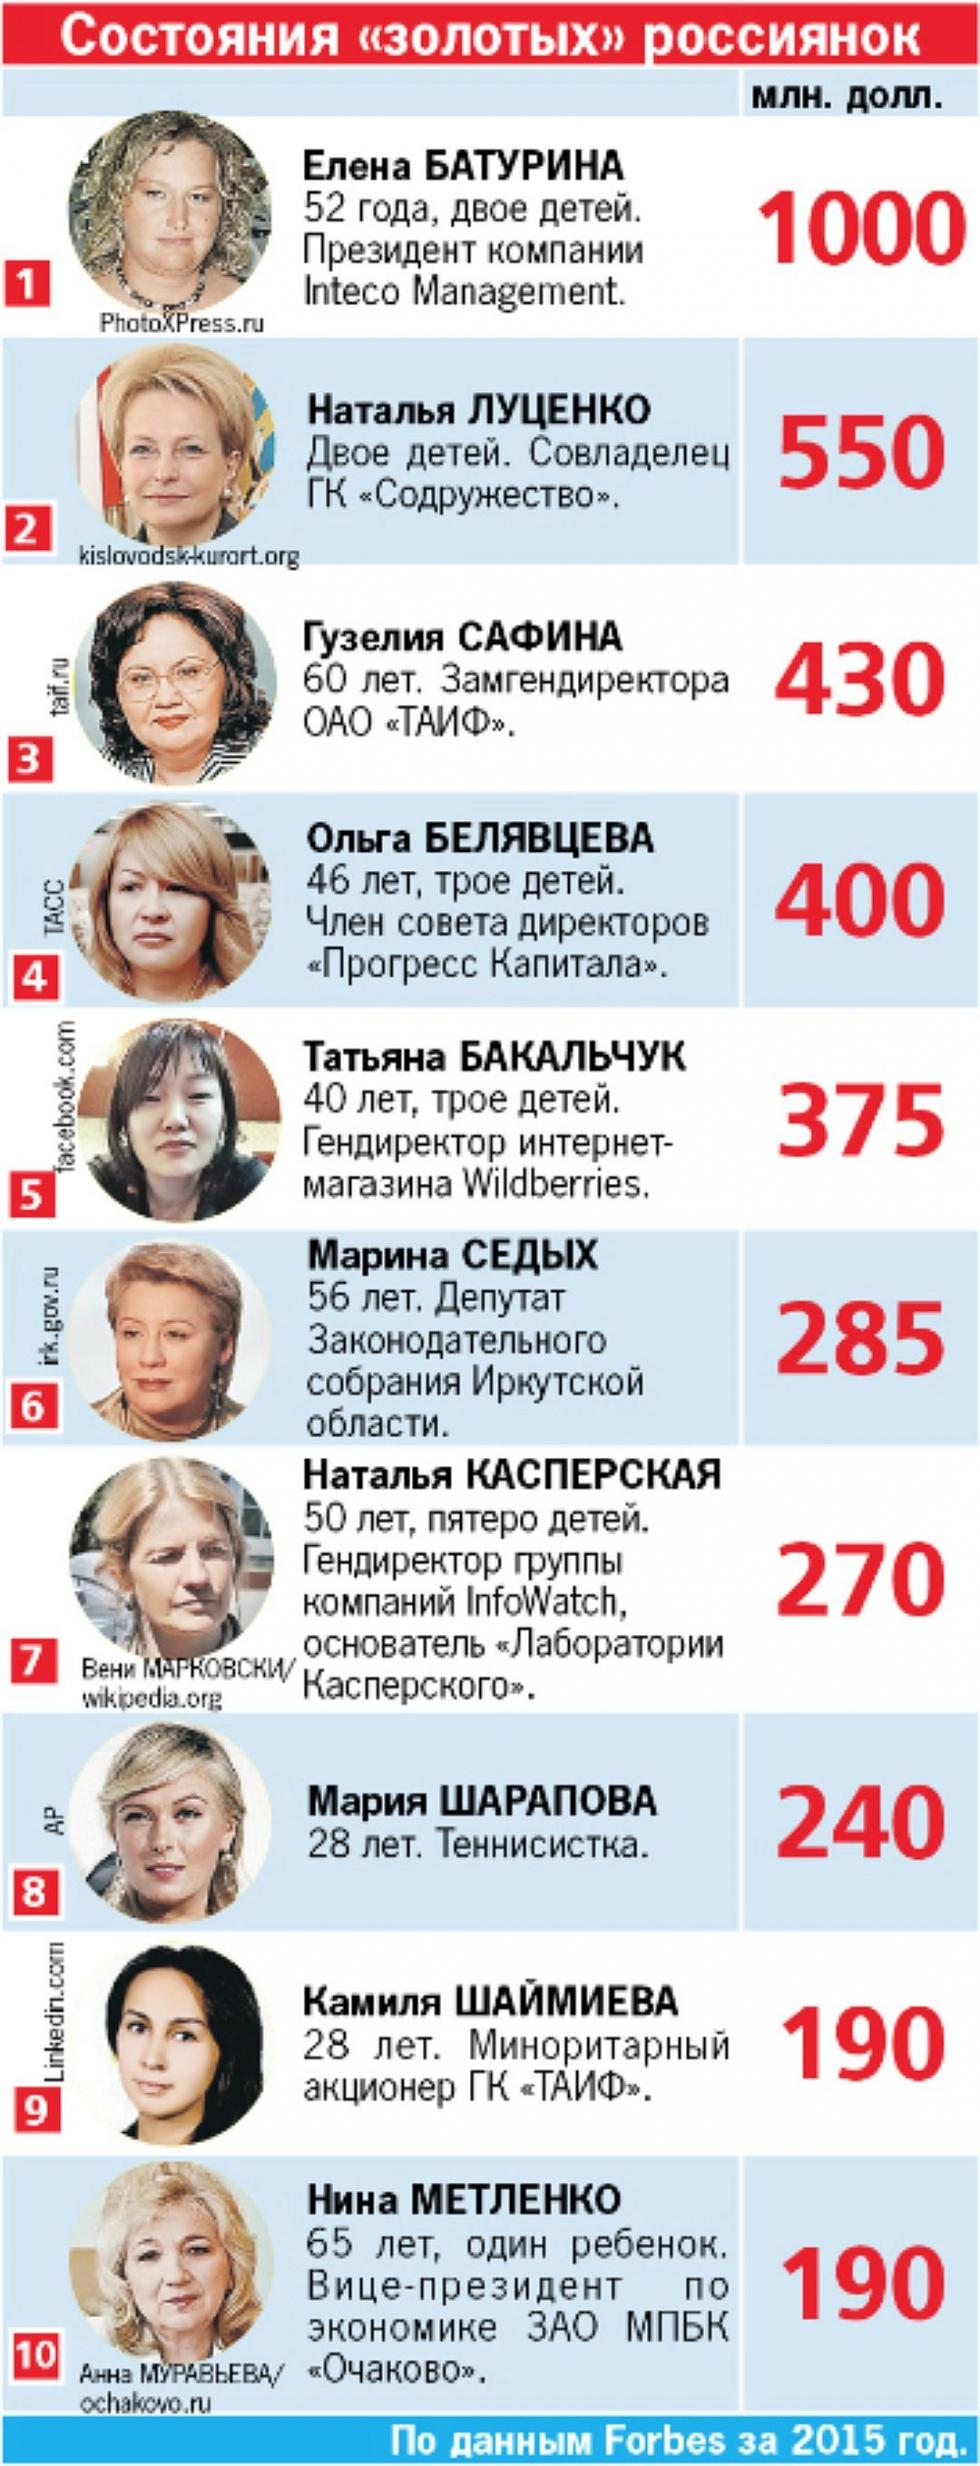 самые богатые русские женщины